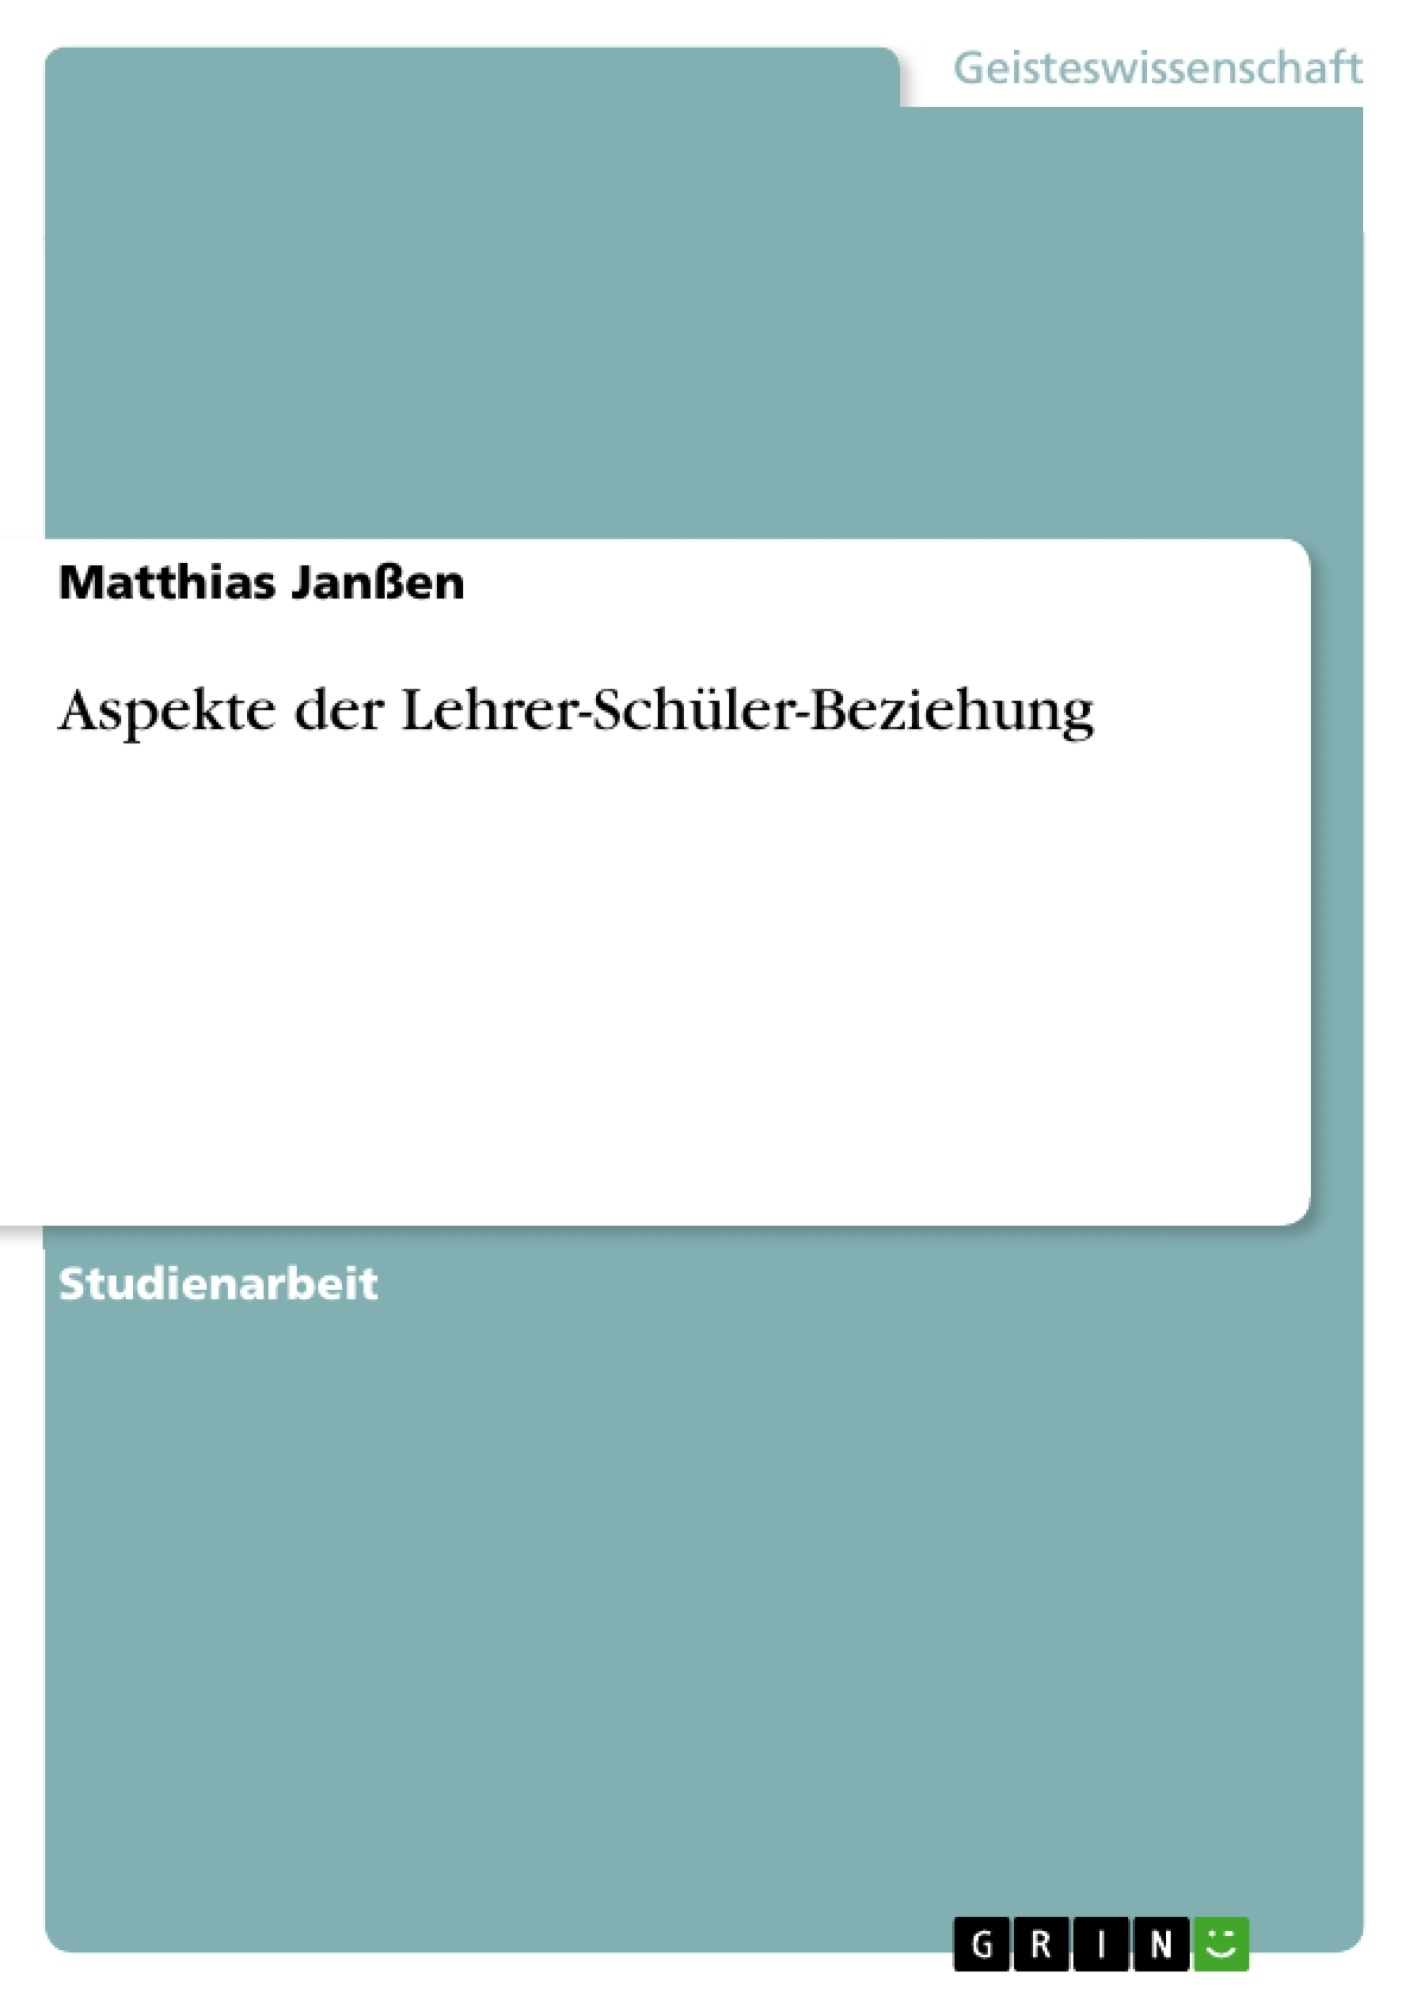 Titel: Aspekte der Lehrer-Schüler-Beziehung